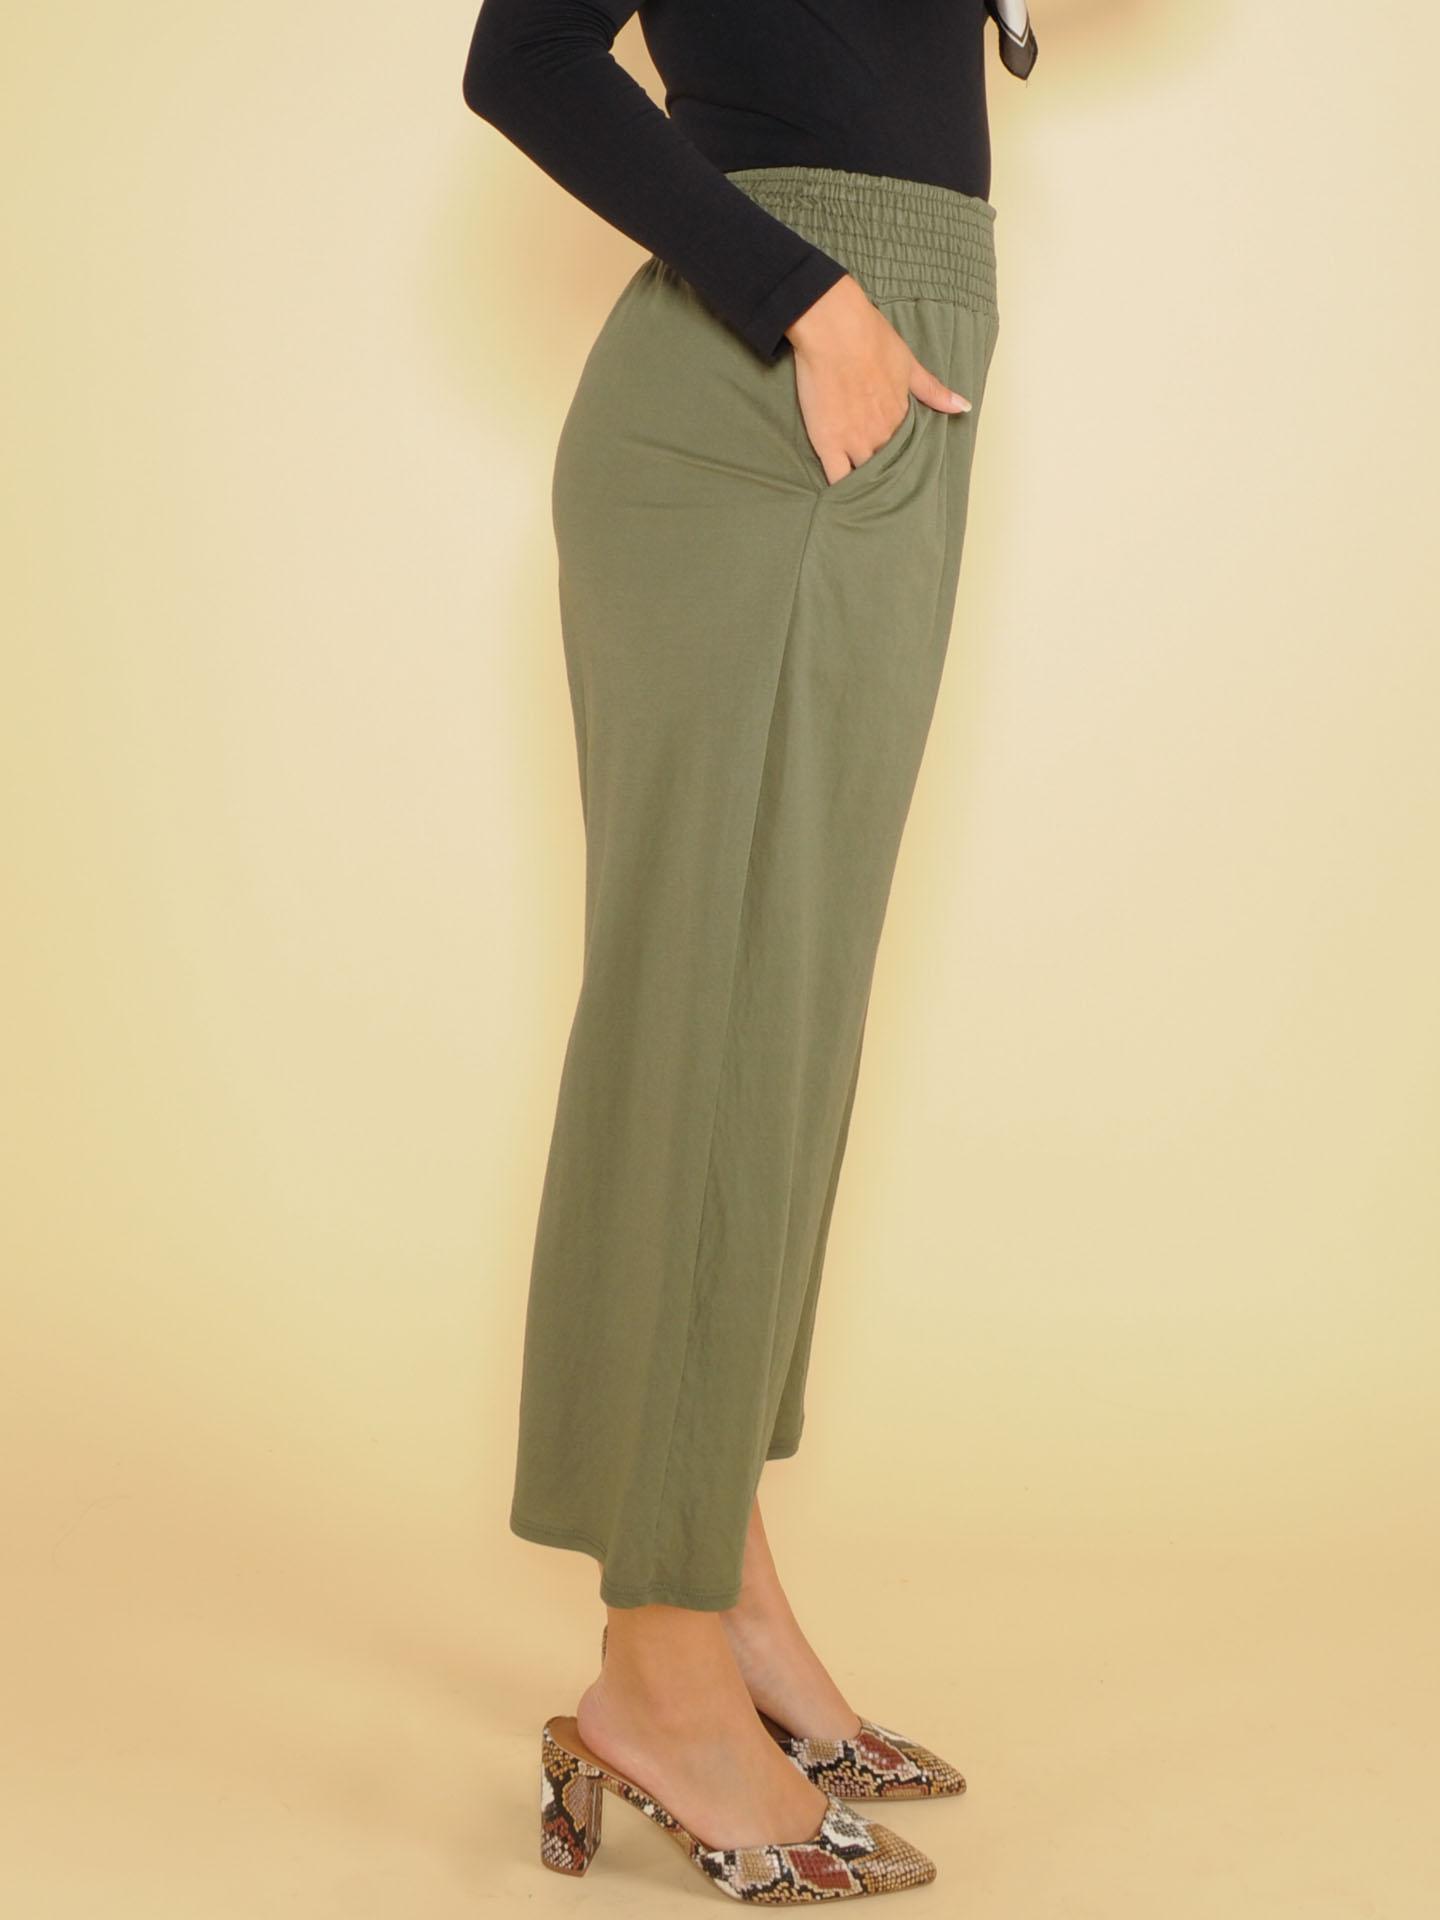 High Rise Flowy Smocked Olive Nina Comfy Pants Side